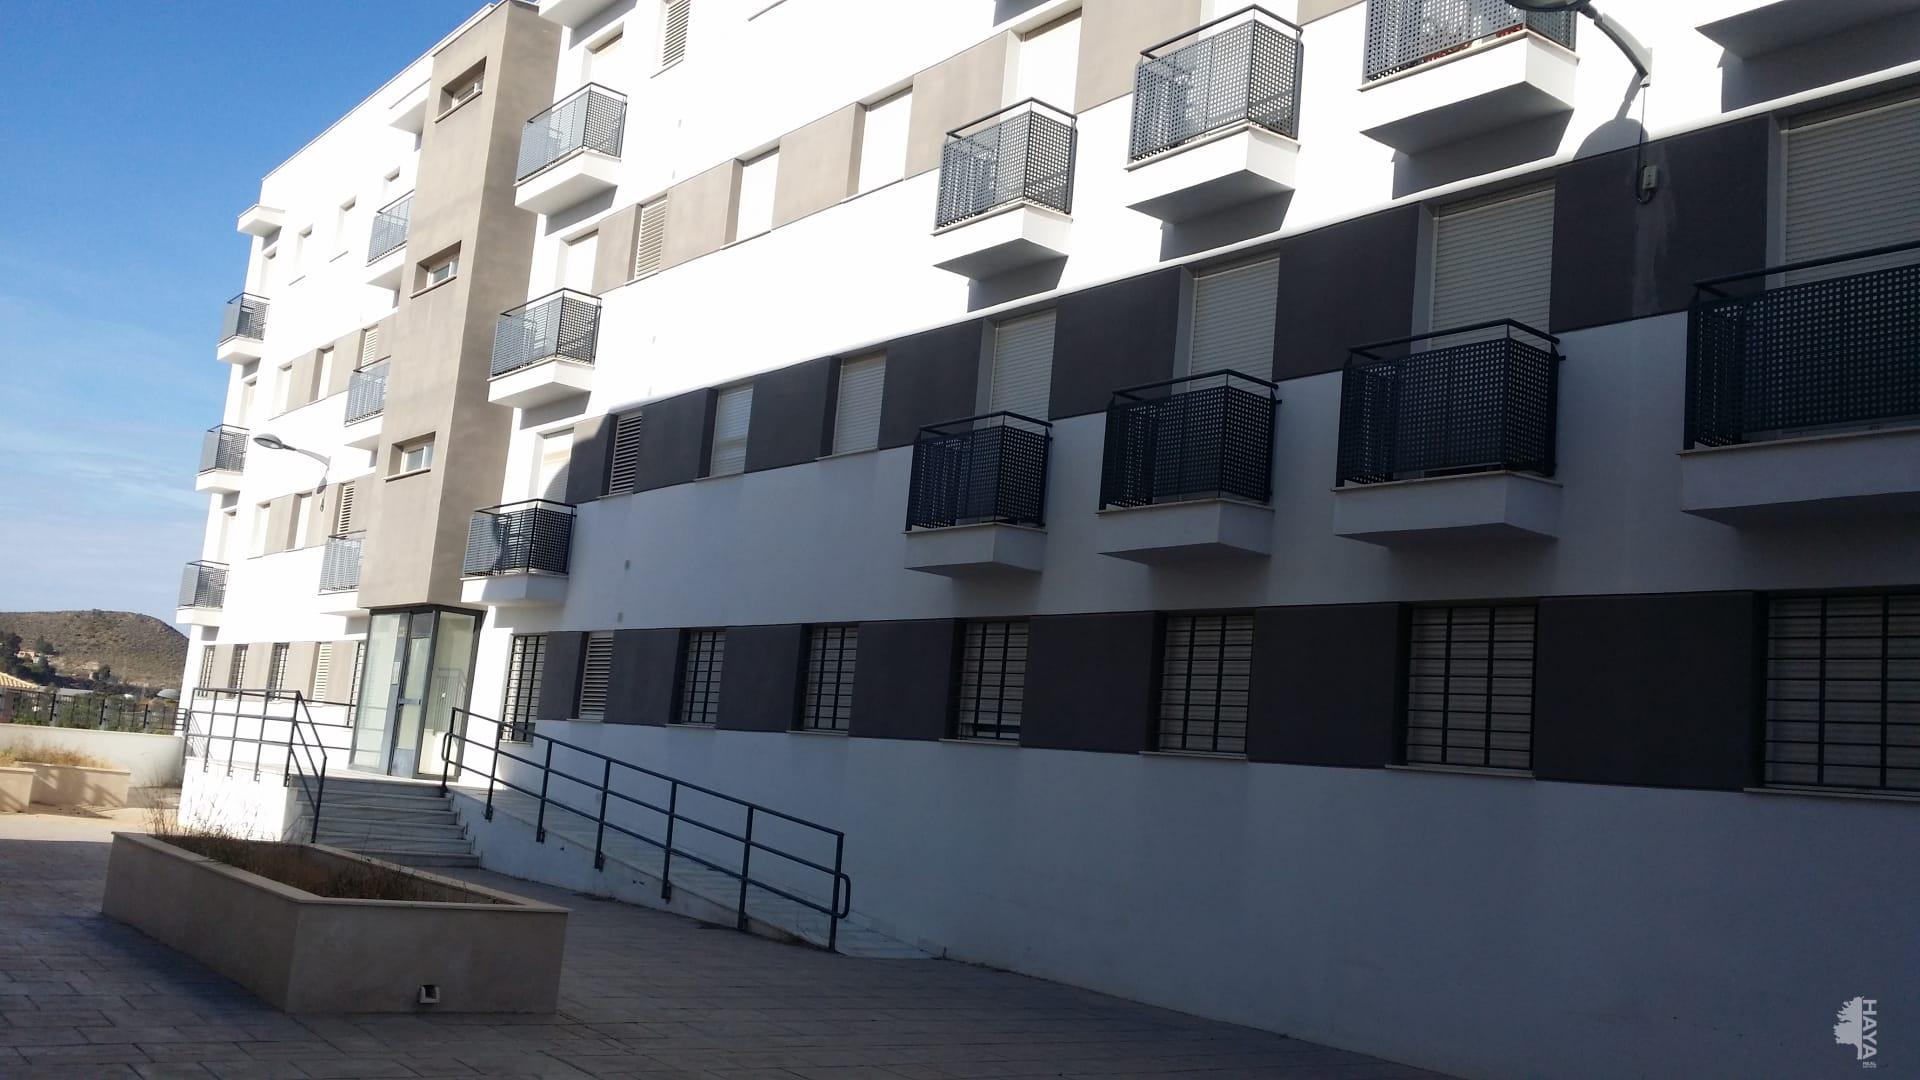 Piso en venta en Olula del Río, Almería, Calle Alta, 63.500 €, 3 habitaciones, 1 baño, 95 m2